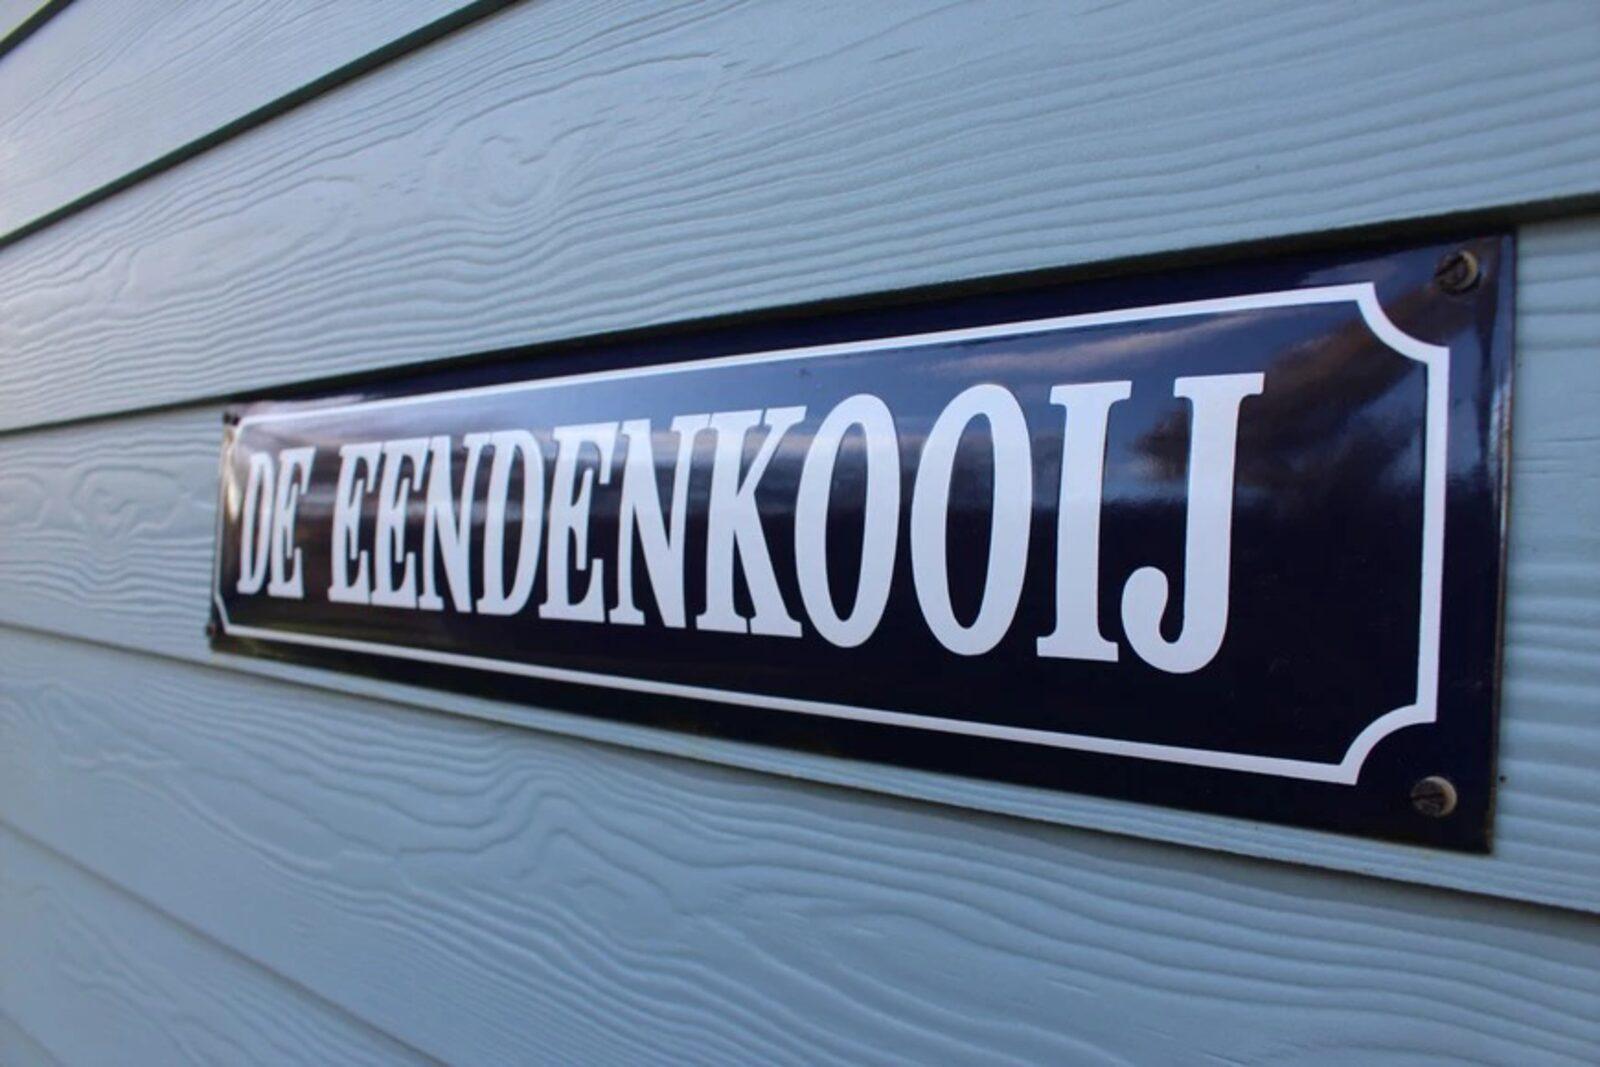 Prinsenhof 83 - Ouddorp De Eendenkooij